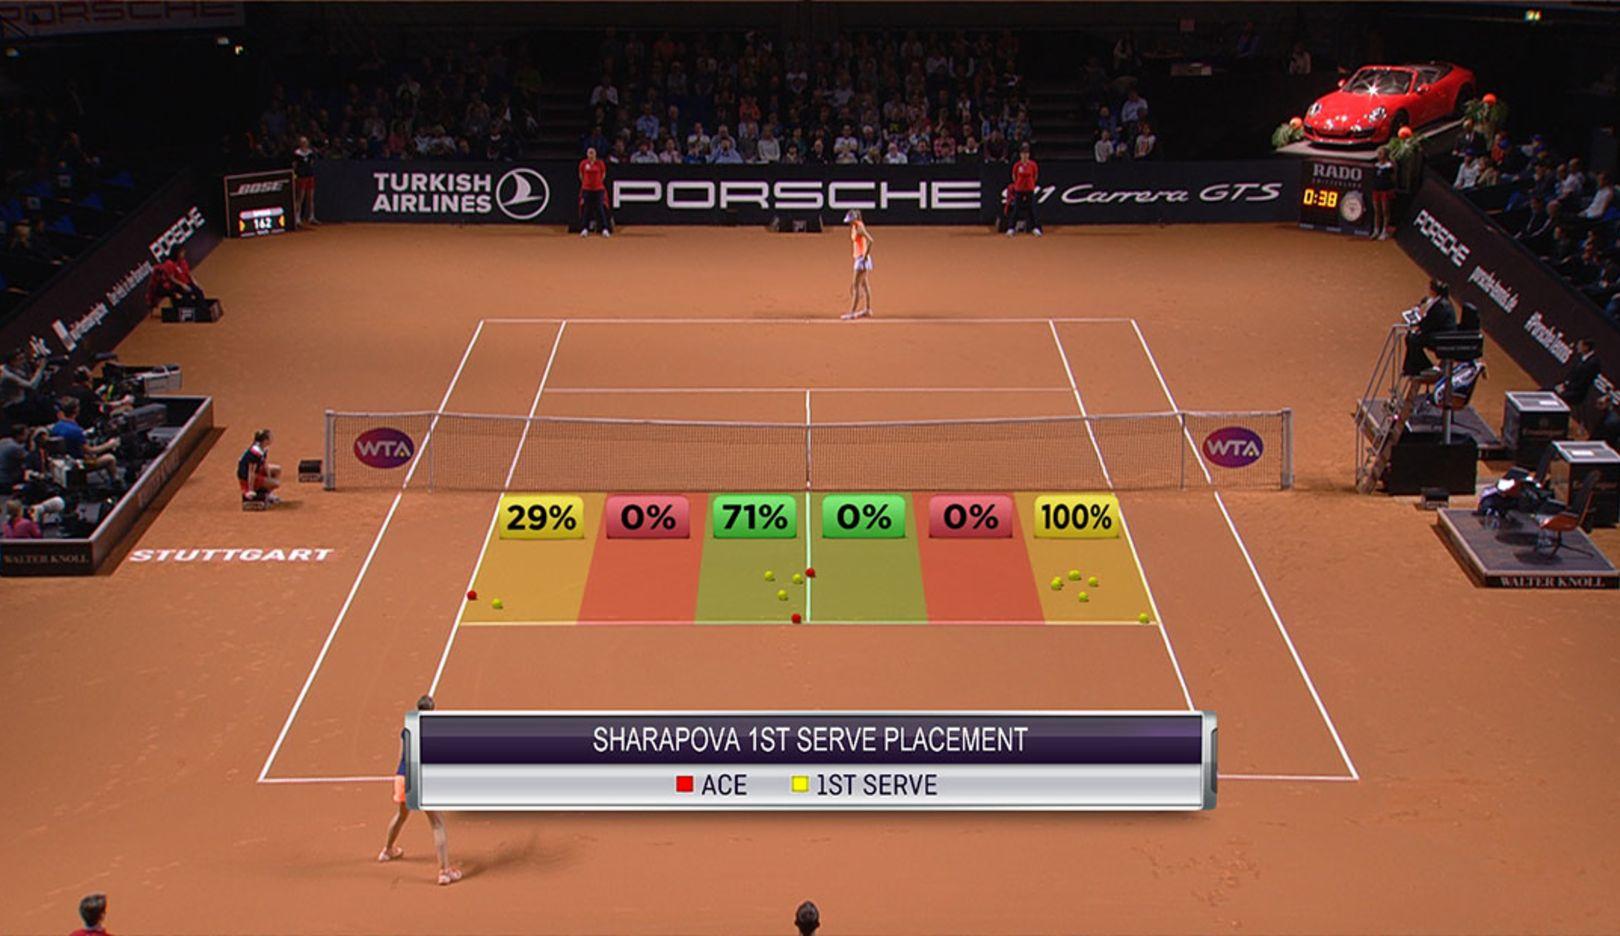 Digital match analysis, 2018, Porsche AG